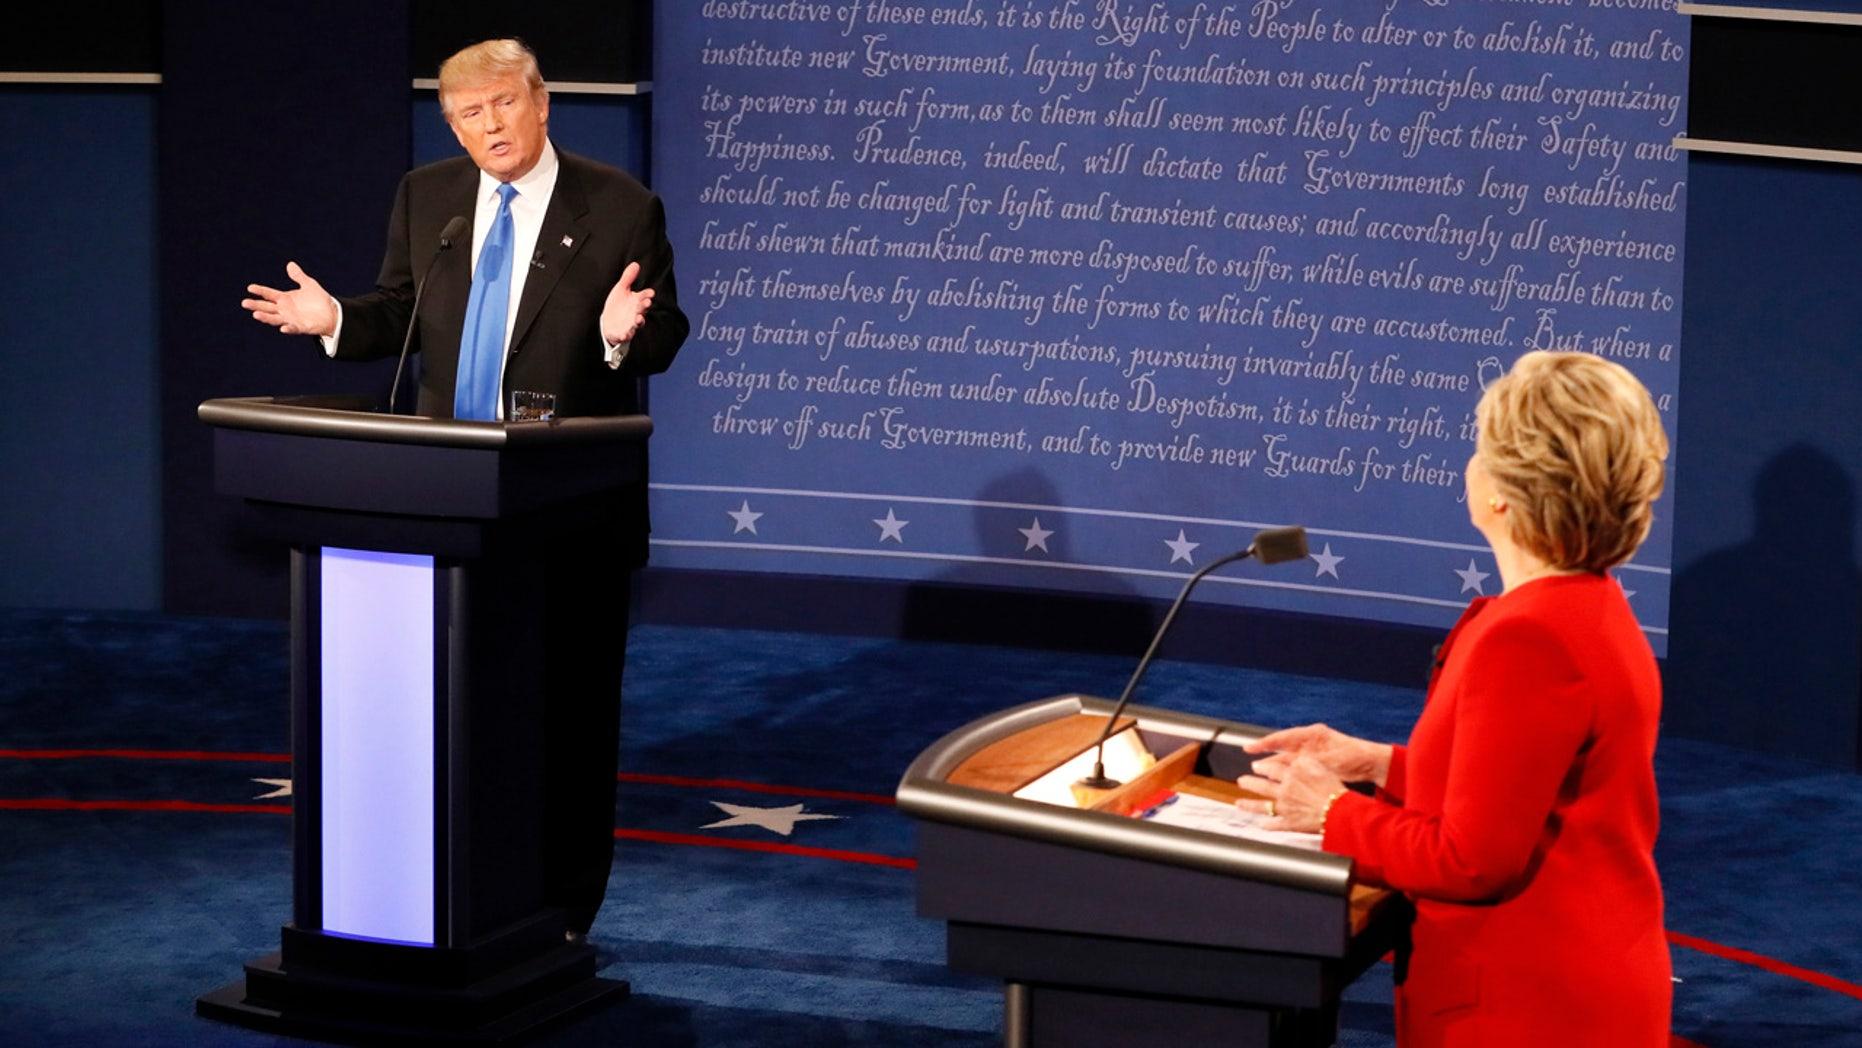 Republican presidential nominee Donald Trump gestures towards Democratic presidential nominee Hillary Clinton during the presidential debate at Hofstra University in Hempstead, N.Y., Monday, Sept. 26, 2016. (Rick T. Wilking/Pool via AP)